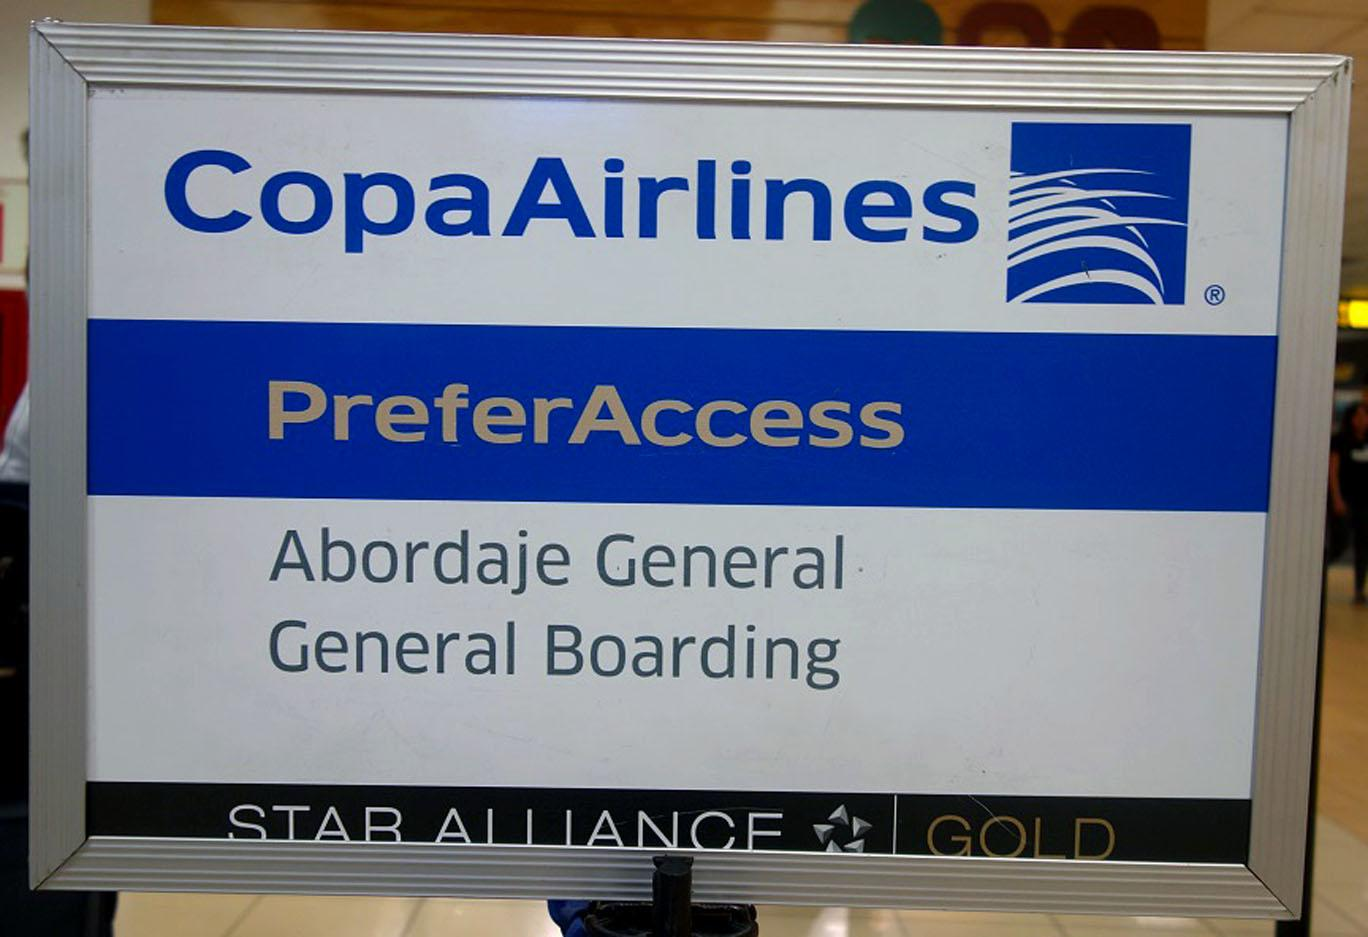 Обзор: Copa Airlines, бизнес-класс (737), Лима — Панама